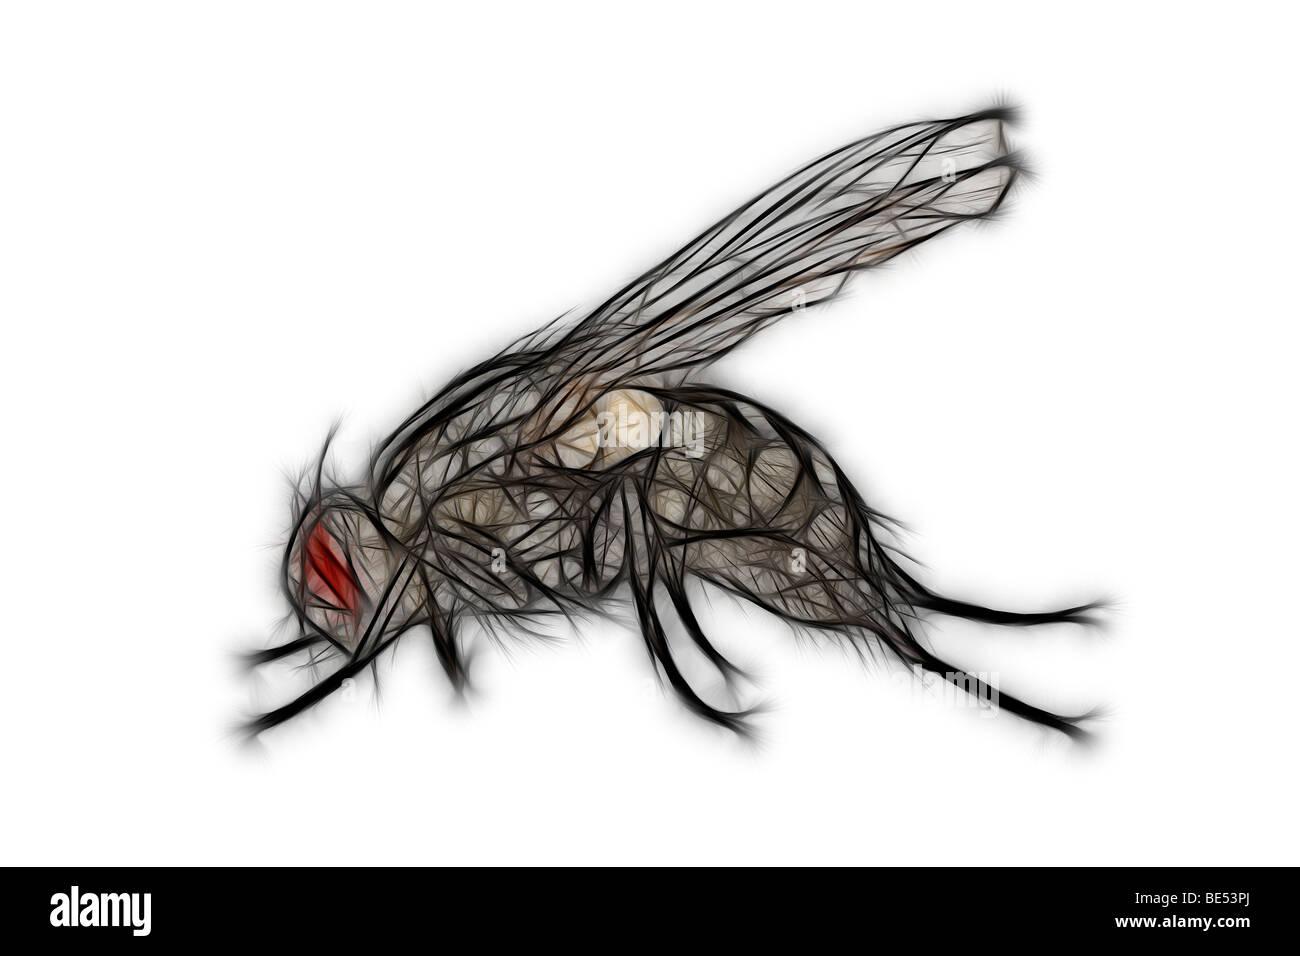 Illustré numériquement une mouche sur un fond blanc. Dessin assisté par ordinateur d'une mouche Photo Stock